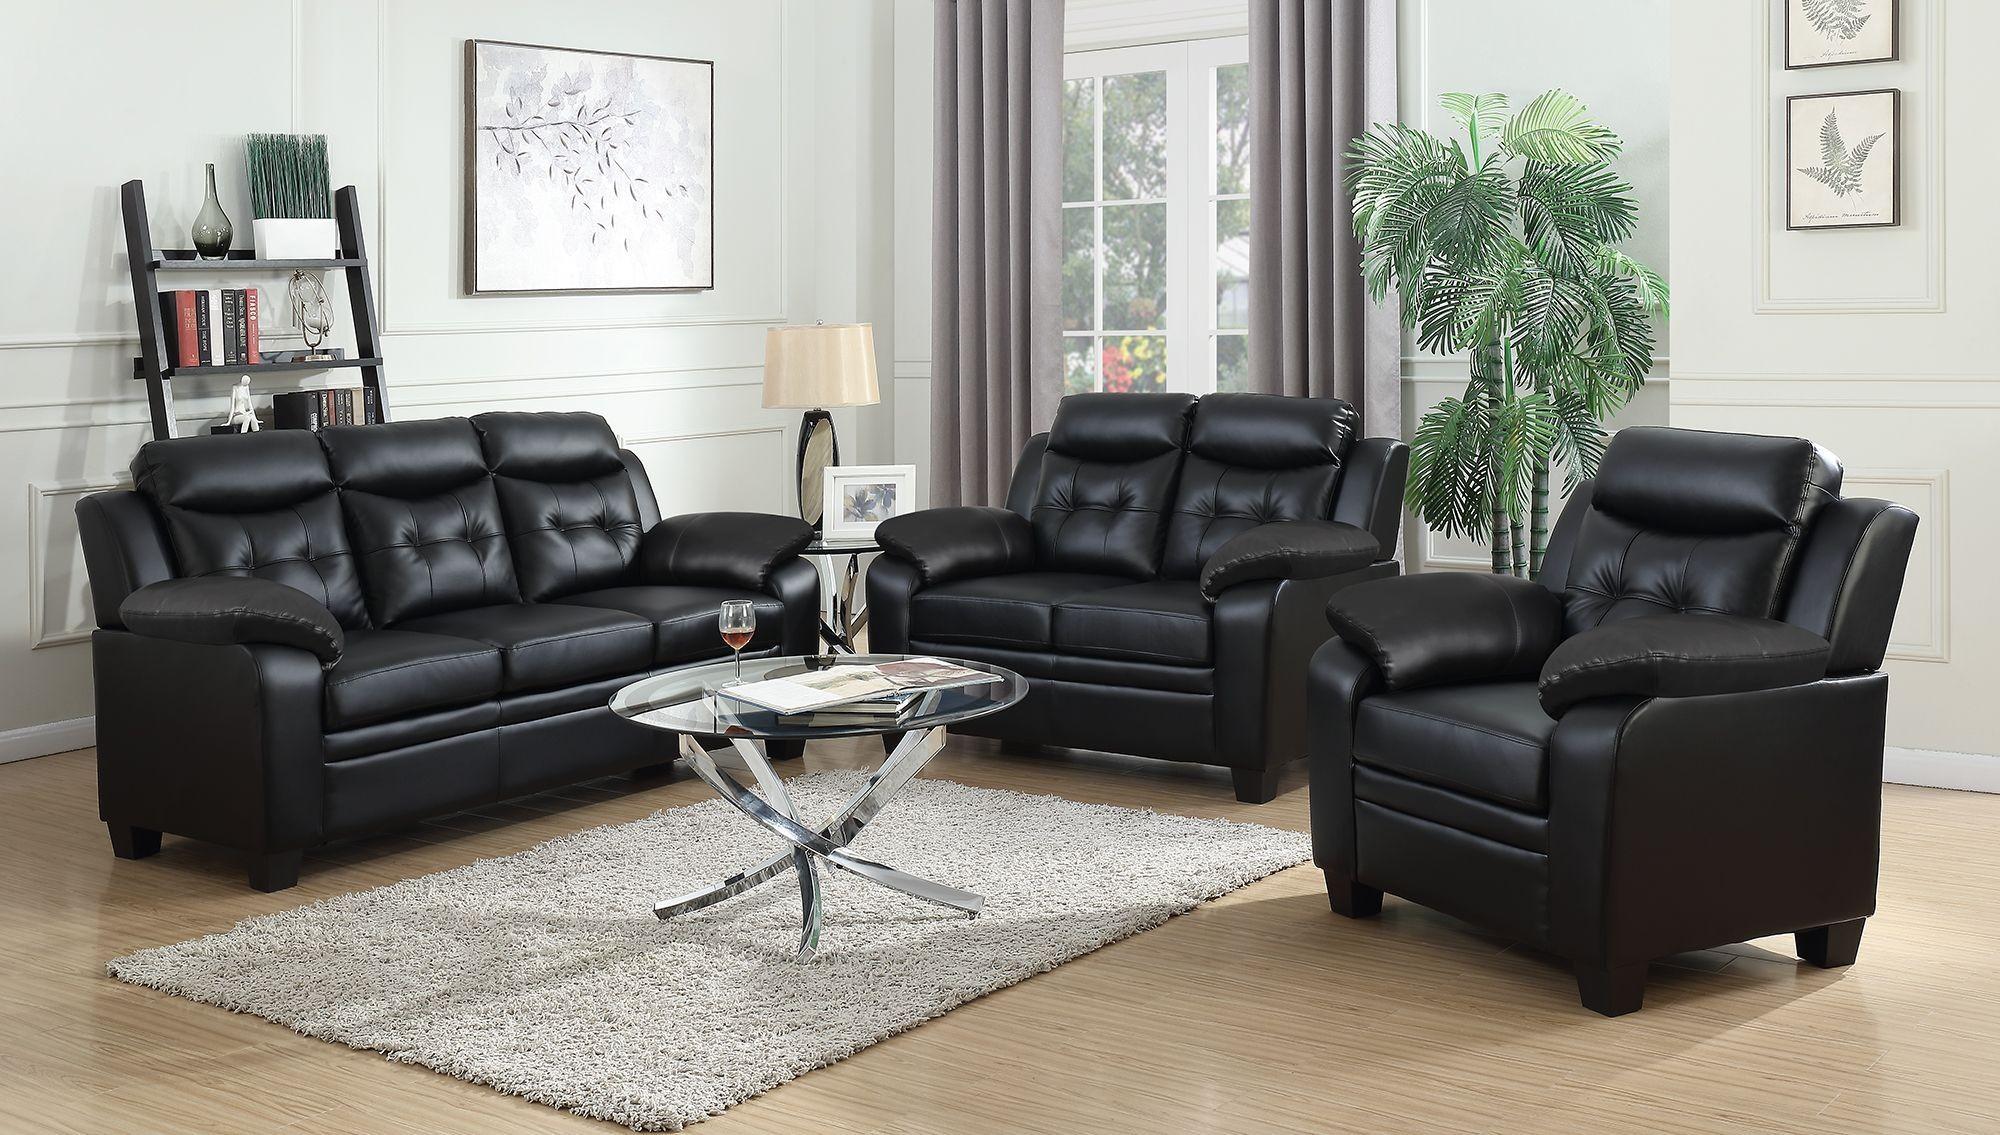 Finley Black Leatherette 2 Piece Sofa Loveseat Set Marjen Of